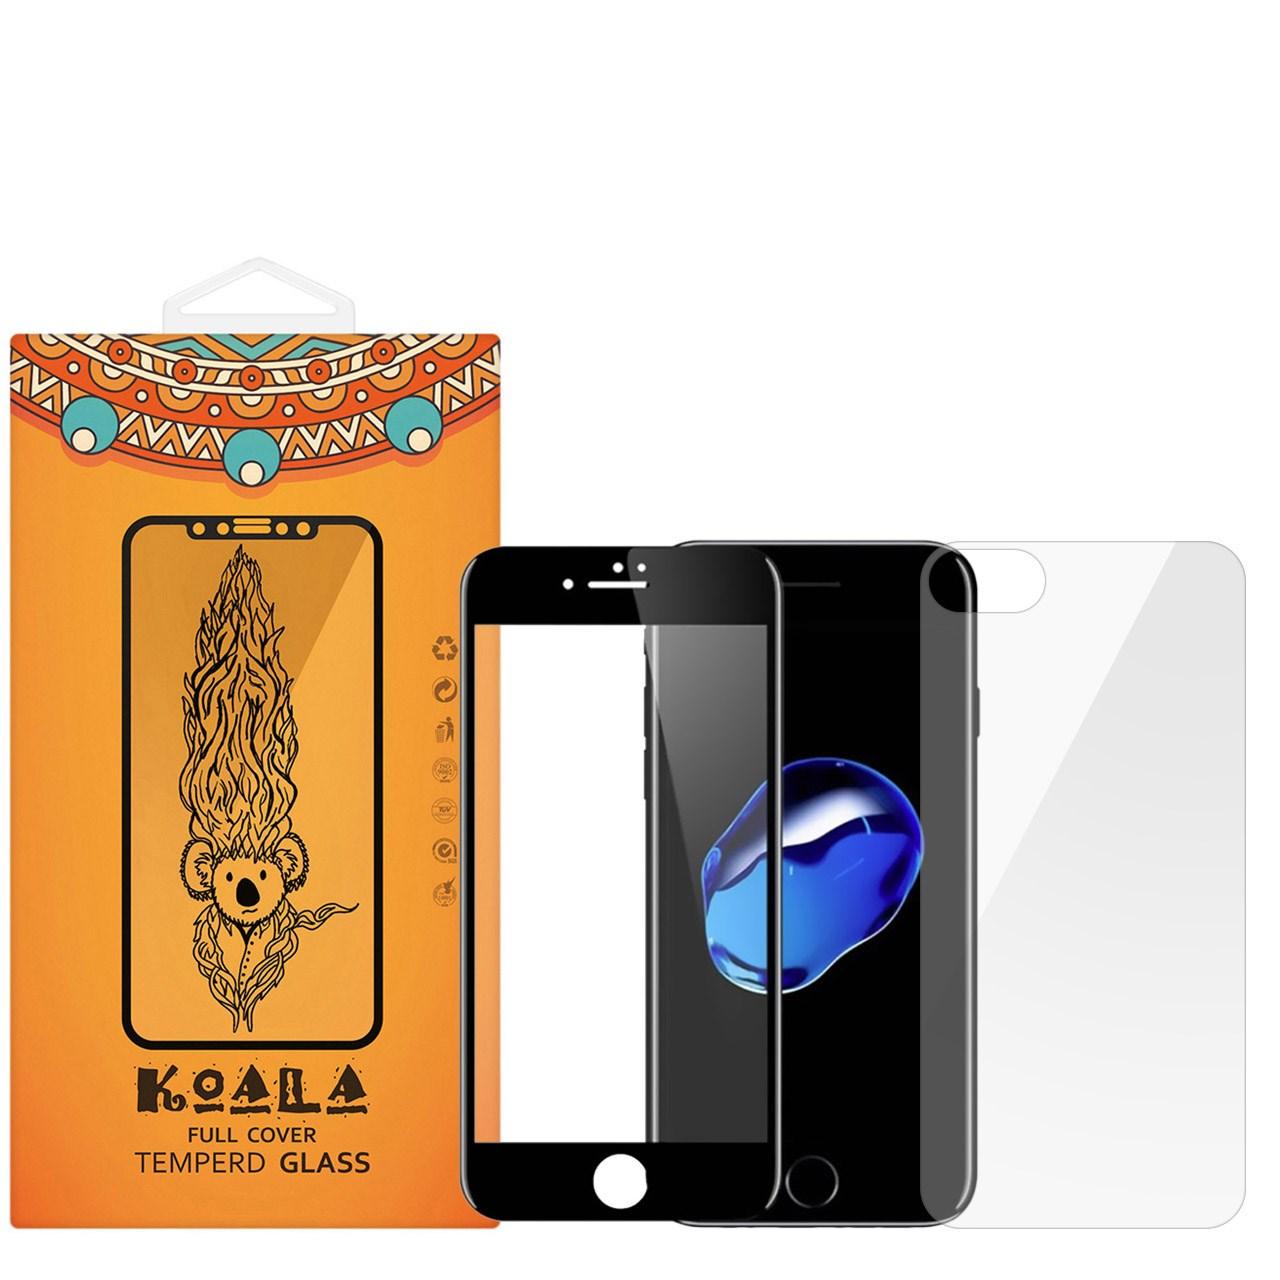 محافظ صفحه نمایش شیشه ای کوالا مدل Full Cover مناسب برای گوشی موبایل اپل آیفون 7 به همراه محافظ پشت Tempered